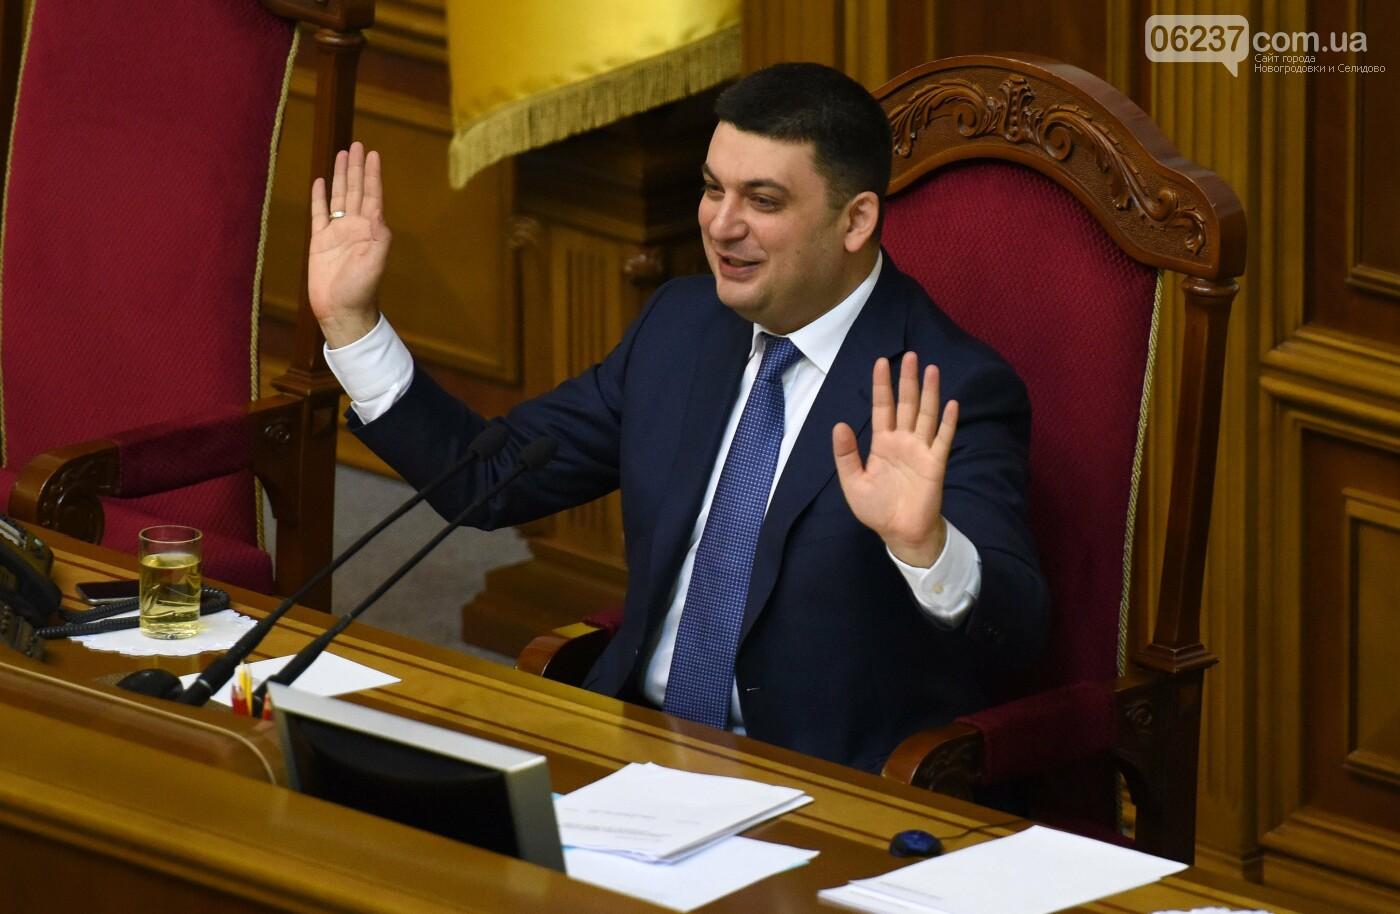 «Он переобулся прямо в воздухе»: Тимошенко прокомментировала заявление Гройсмана про «старых политиков», фото-1